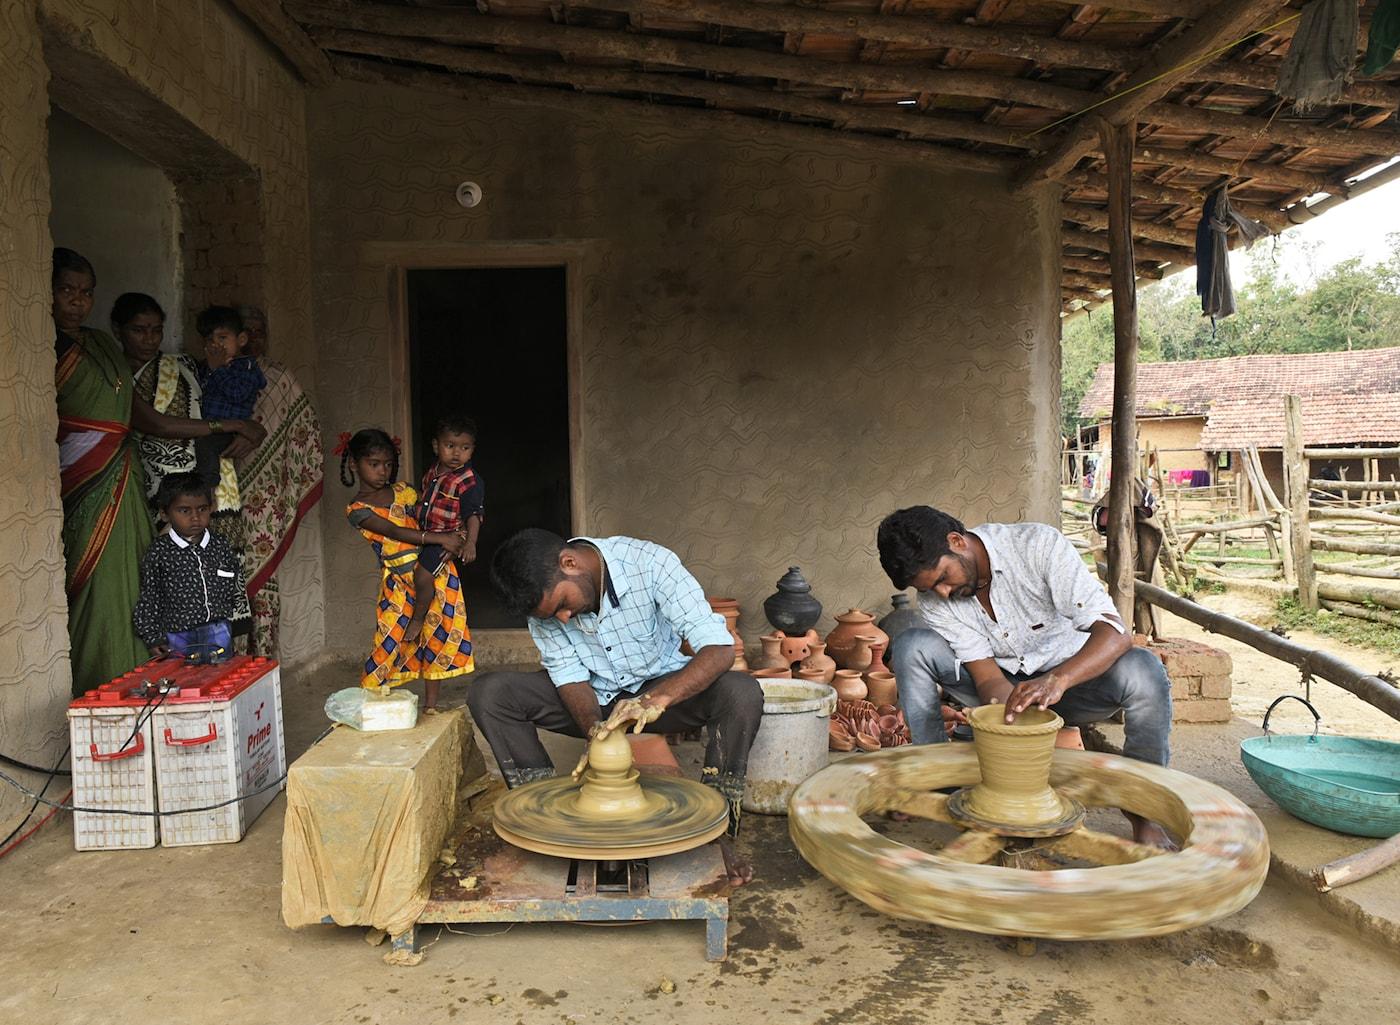 اثنان من الخزافين الهنود يعملان على عجلة فخار وسكان القرية يراقبونهم.